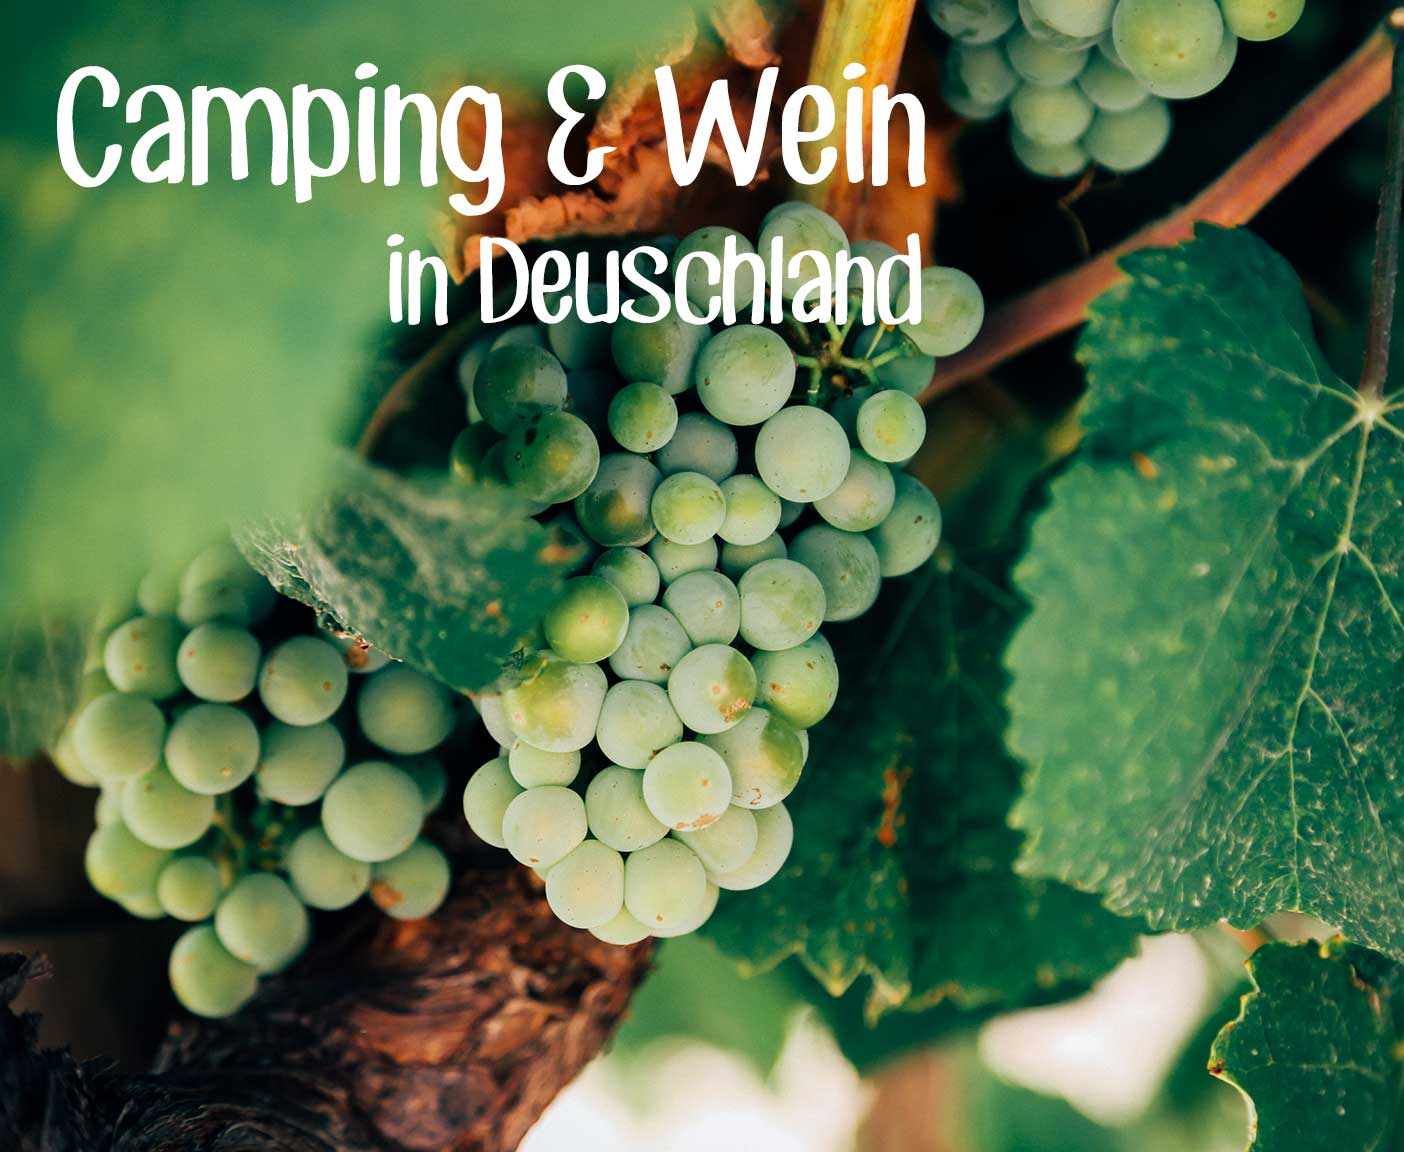 Weingut Weinrebe gruen Camping und Wein in Deutschland Paulcamper